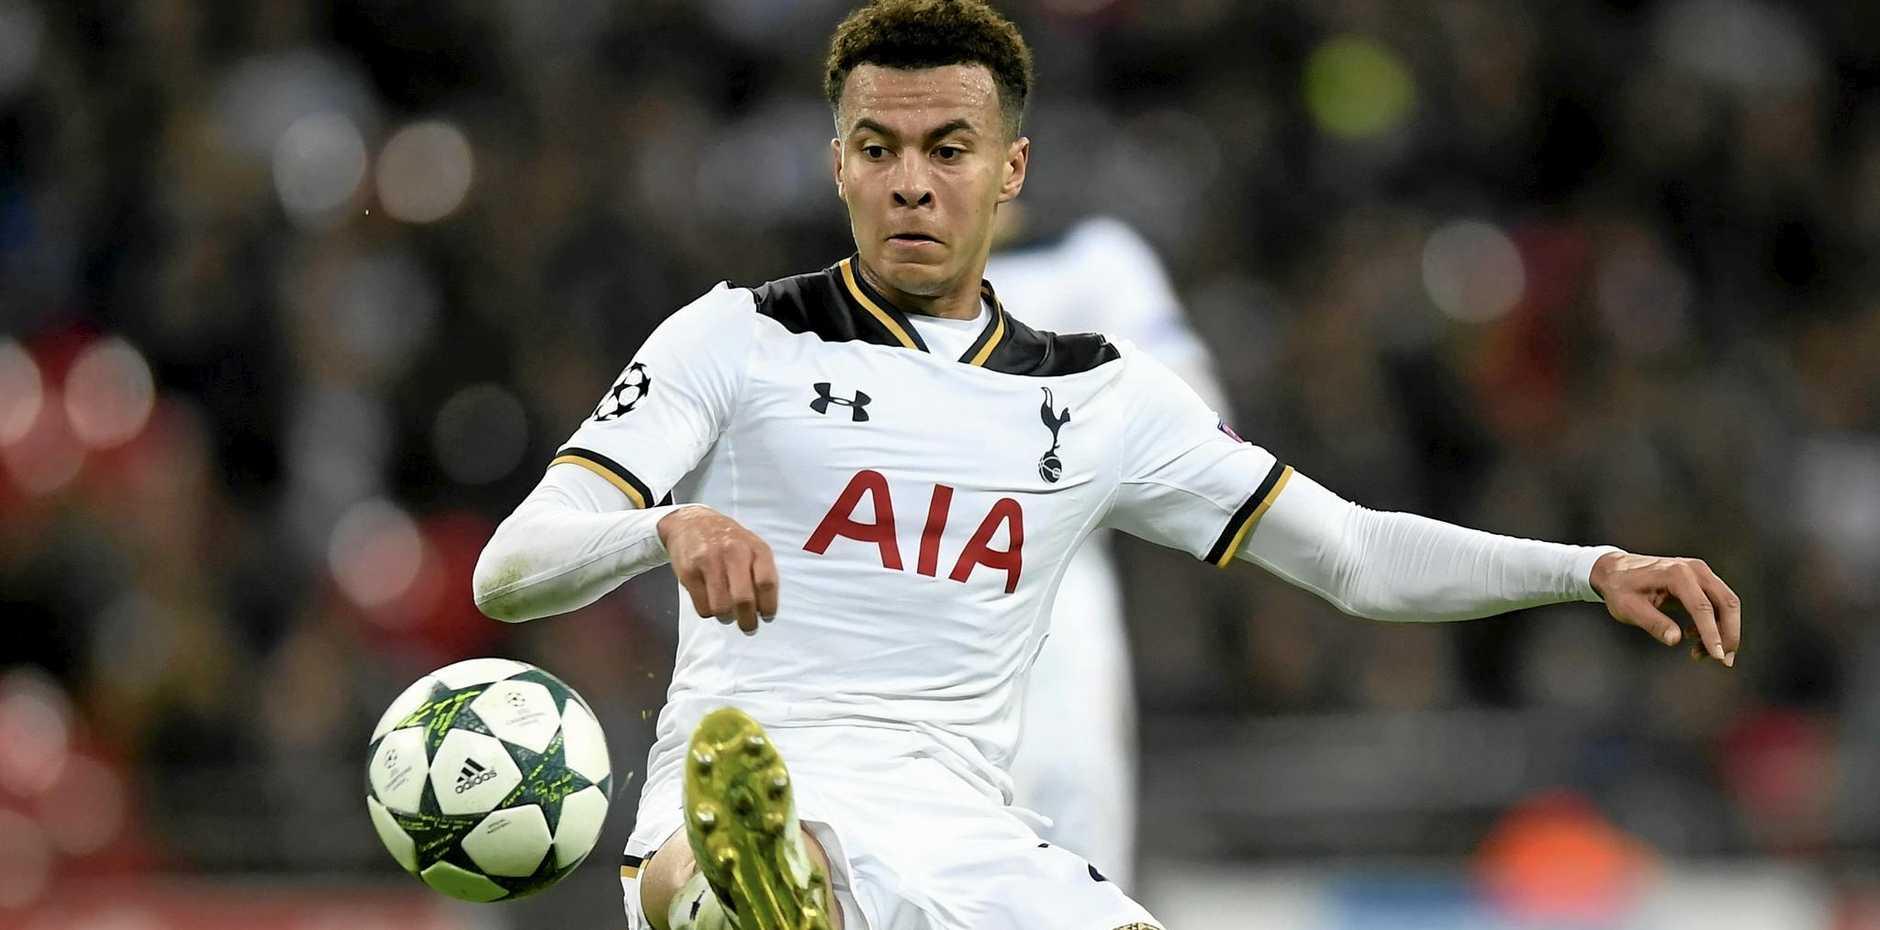 Dele Alli of Tottenham.